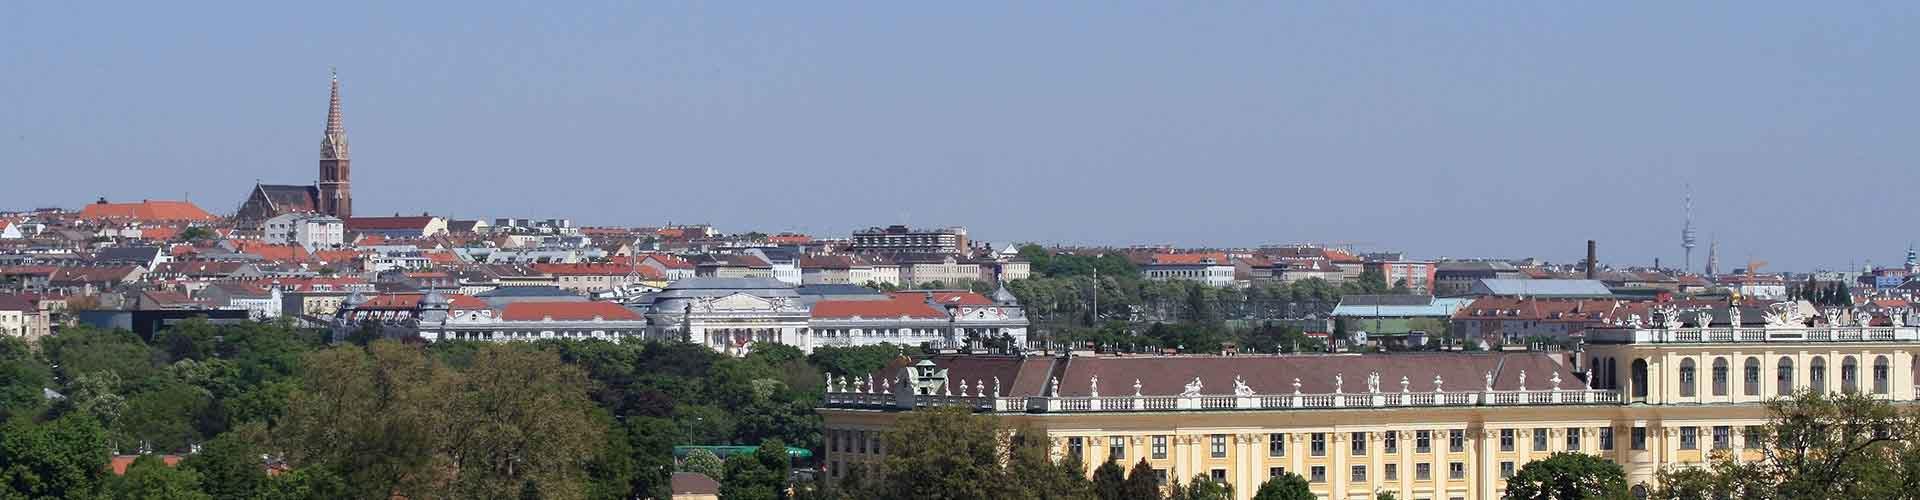 비엔나 - Rudolfsheim-Fuenfhaus 지구의 호스텔. 비엔나의 지도, 비엔나에 위치한 호스텔 사진 및 후기 정보.